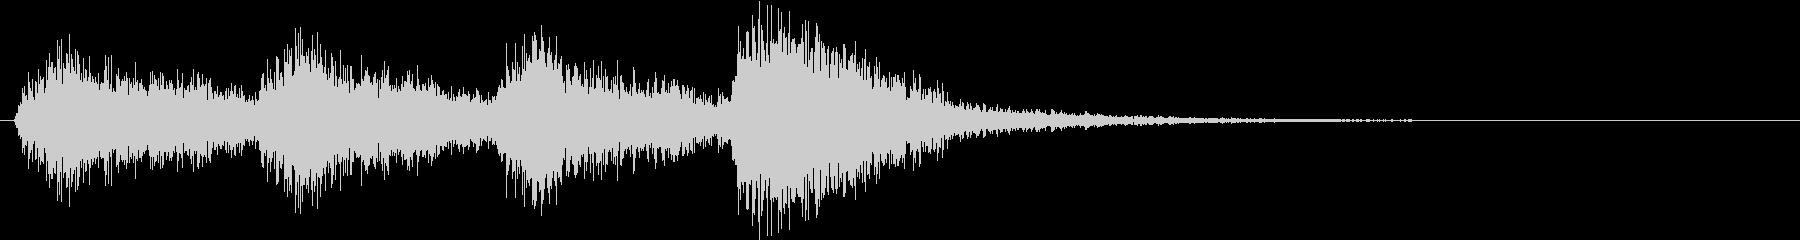 オーケストラでジャジャン ジャジャン5の未再生の波形